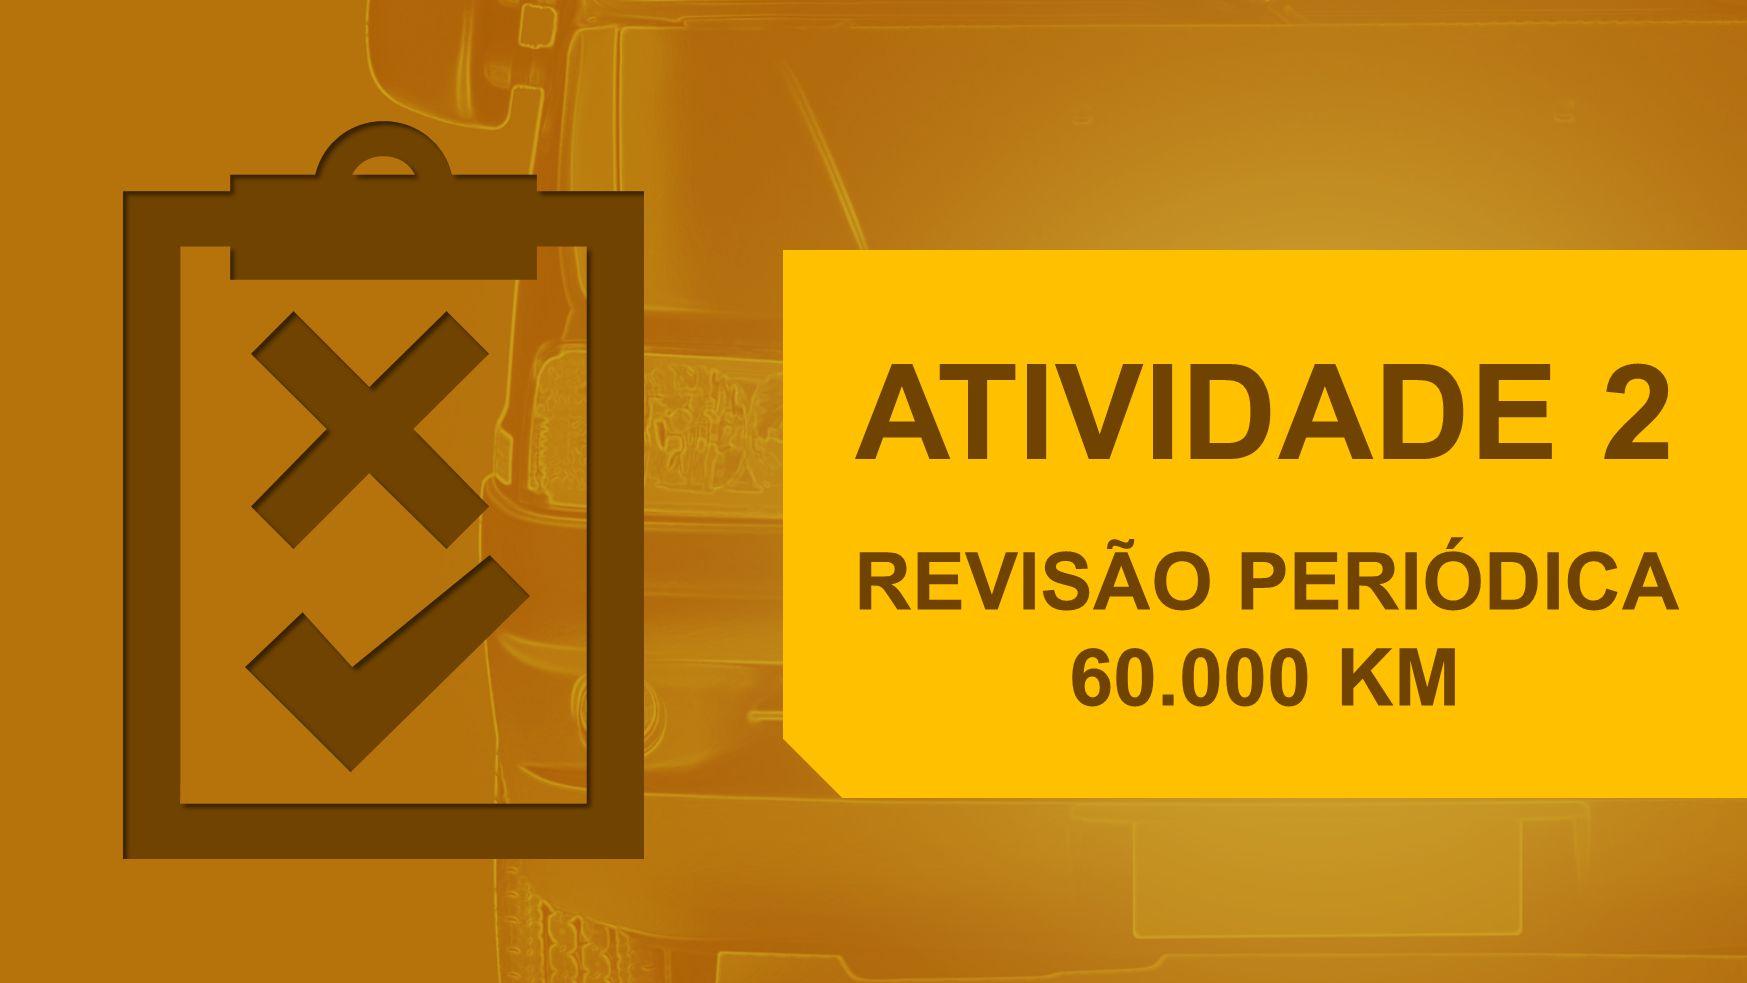 ATIVIDADE 2 REVISÃO PERIÓDICA 60.000 KM